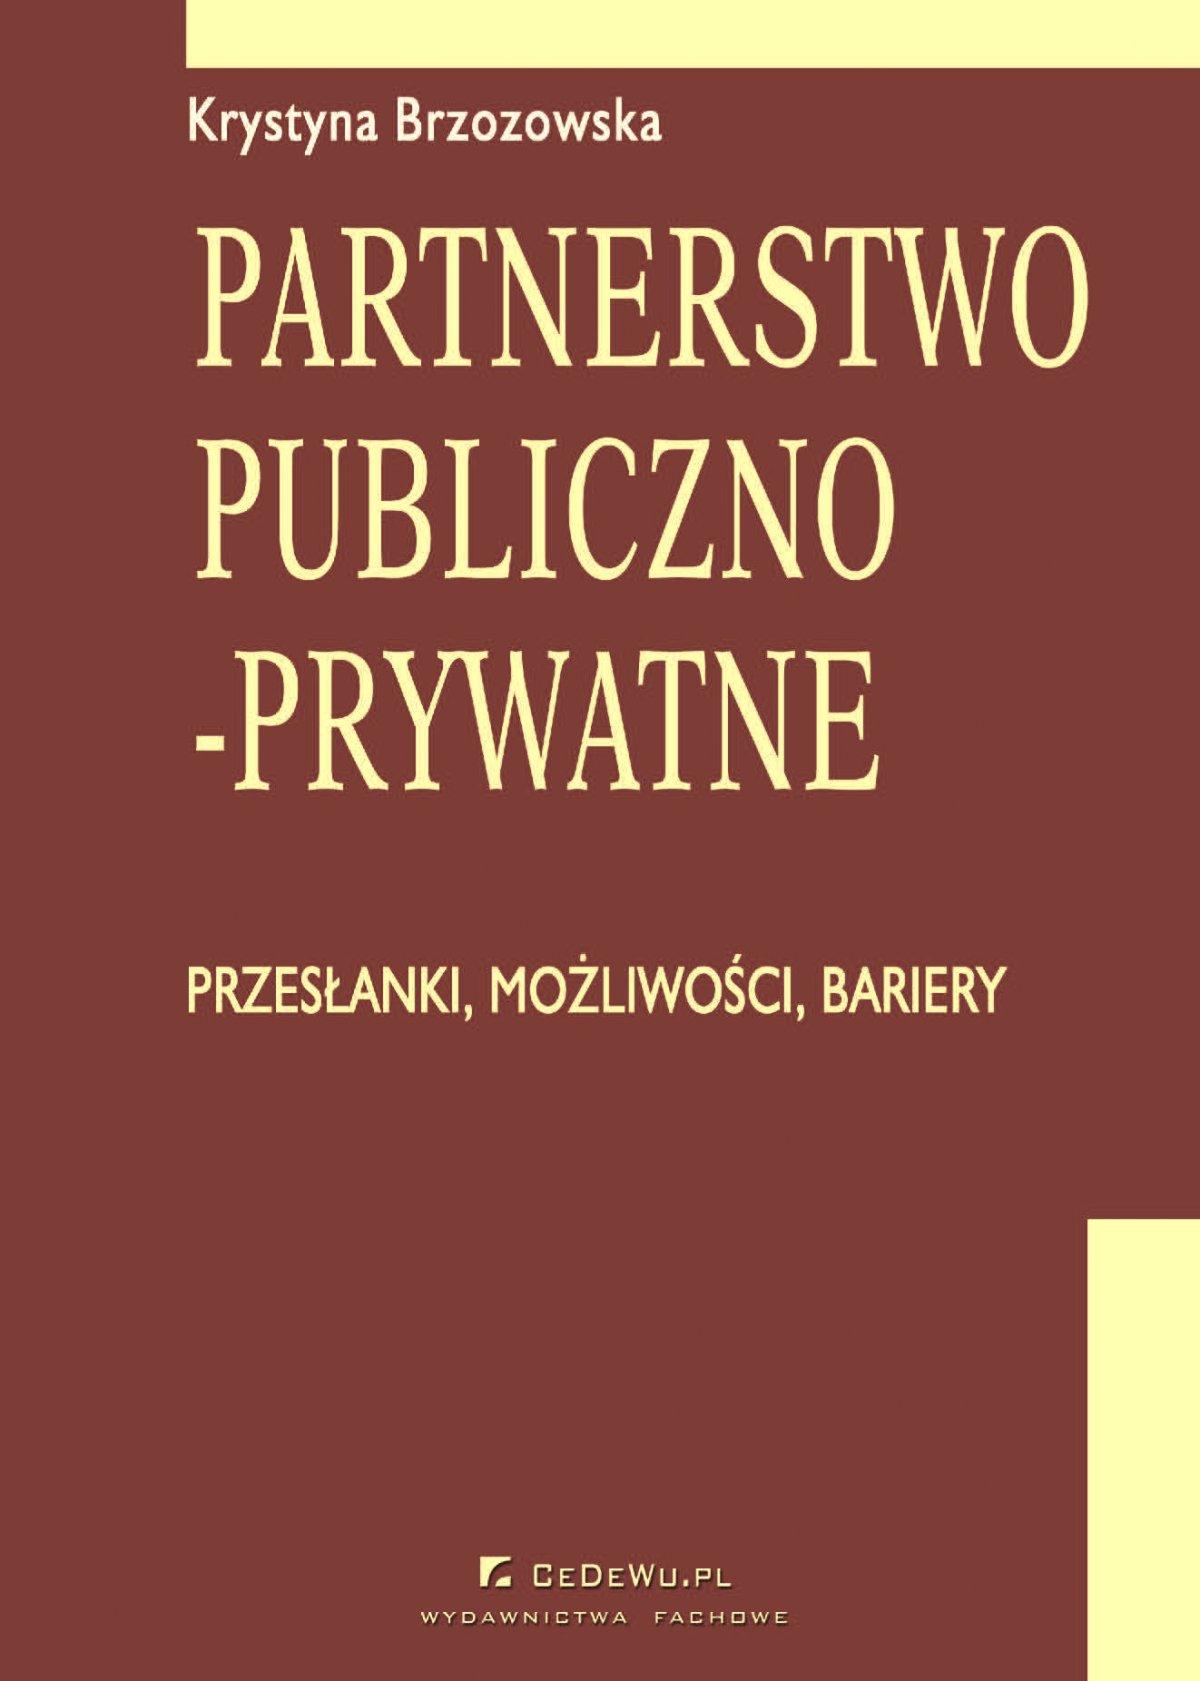 Partnerstwo publiczno-prywatne. Przesłanki, możliwości, bariery. Rozdział 10. Rozwój partnerstwa publiczno-prywatnego - Ebook (Książka PDF) do pobrania w formacie PDF